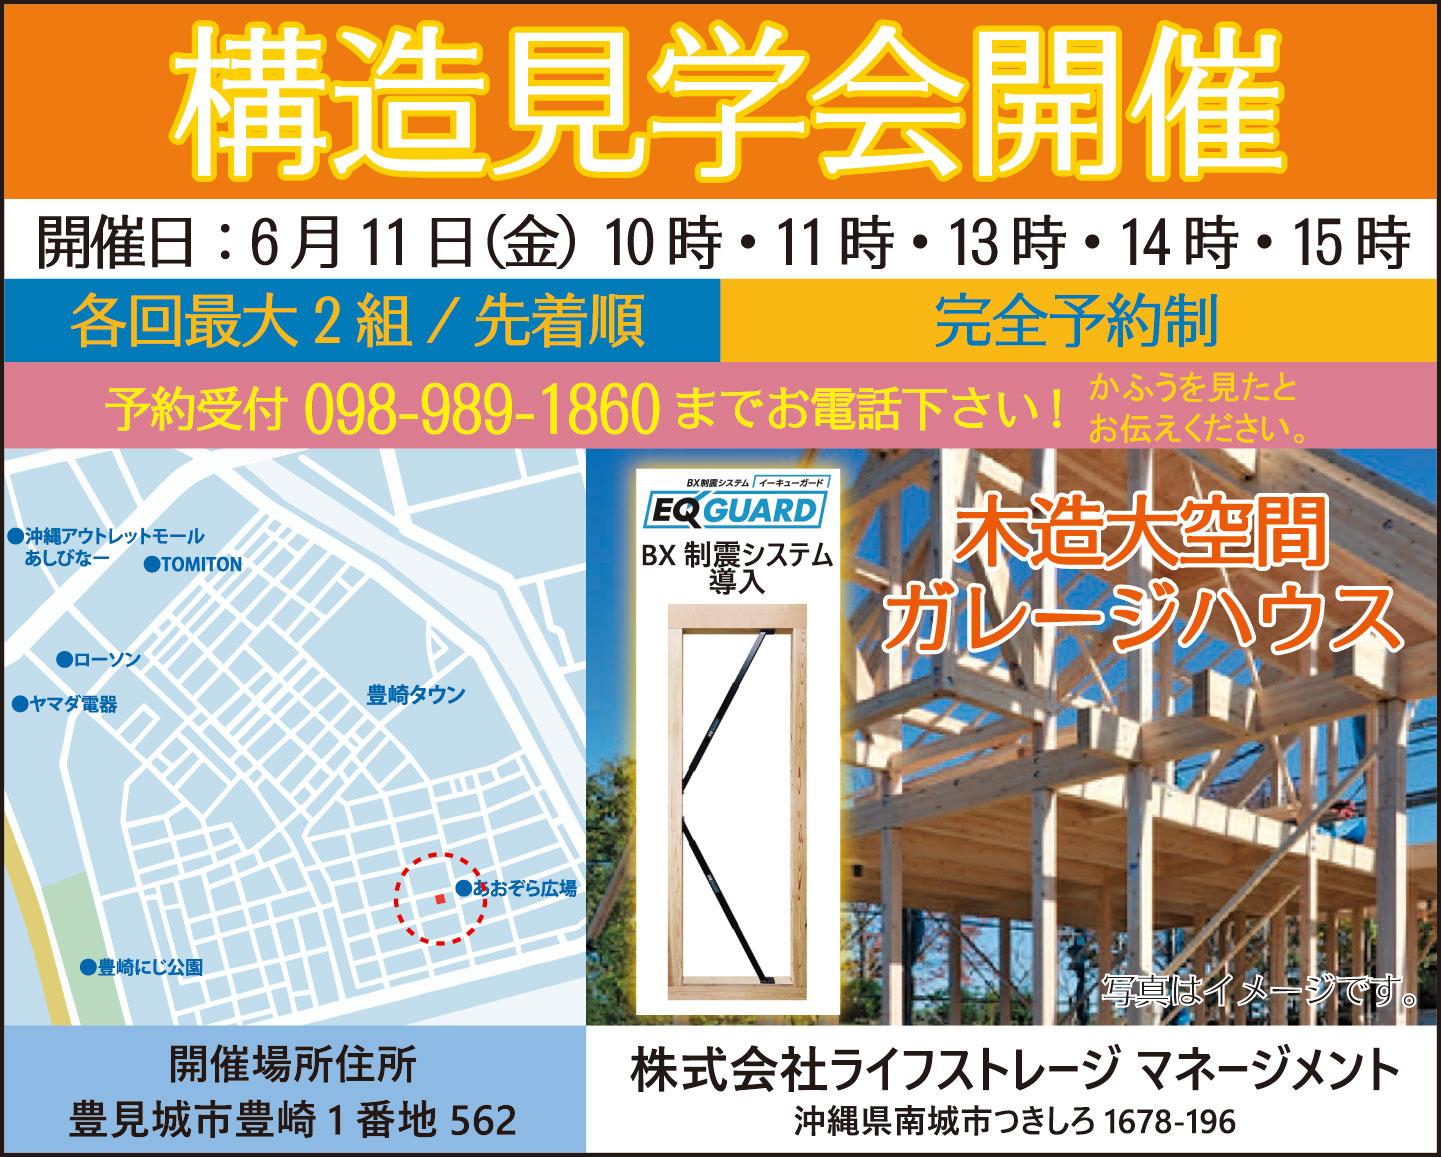 6/11にライフストレージマネージメントが豊見城市豊崎で構造見学会開催